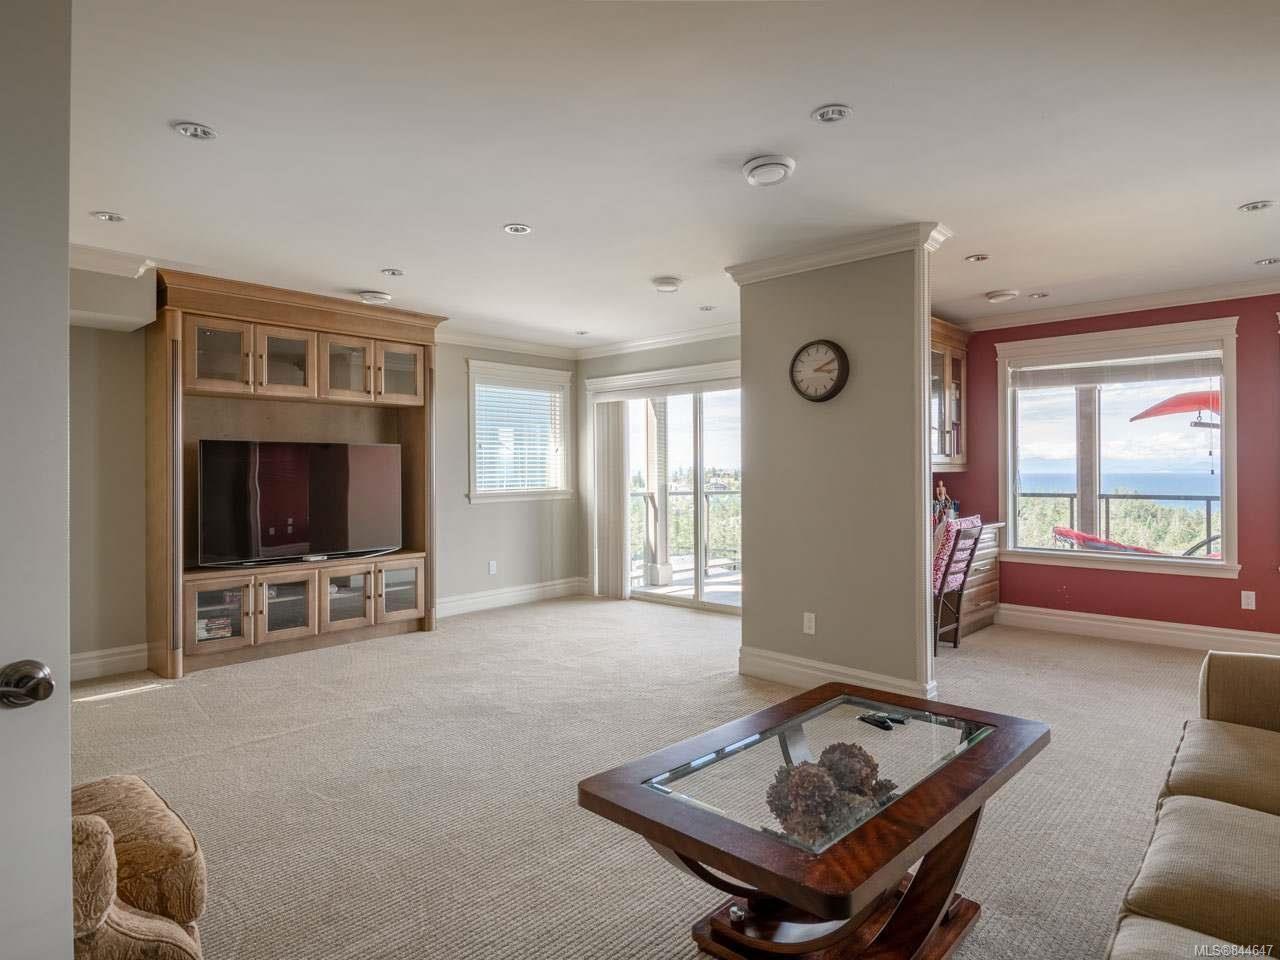 Photo 18: Photos: 4576 Laguna Way in NANAIMO: Na North Nanaimo House for sale (Nanaimo)  : MLS®# 844647